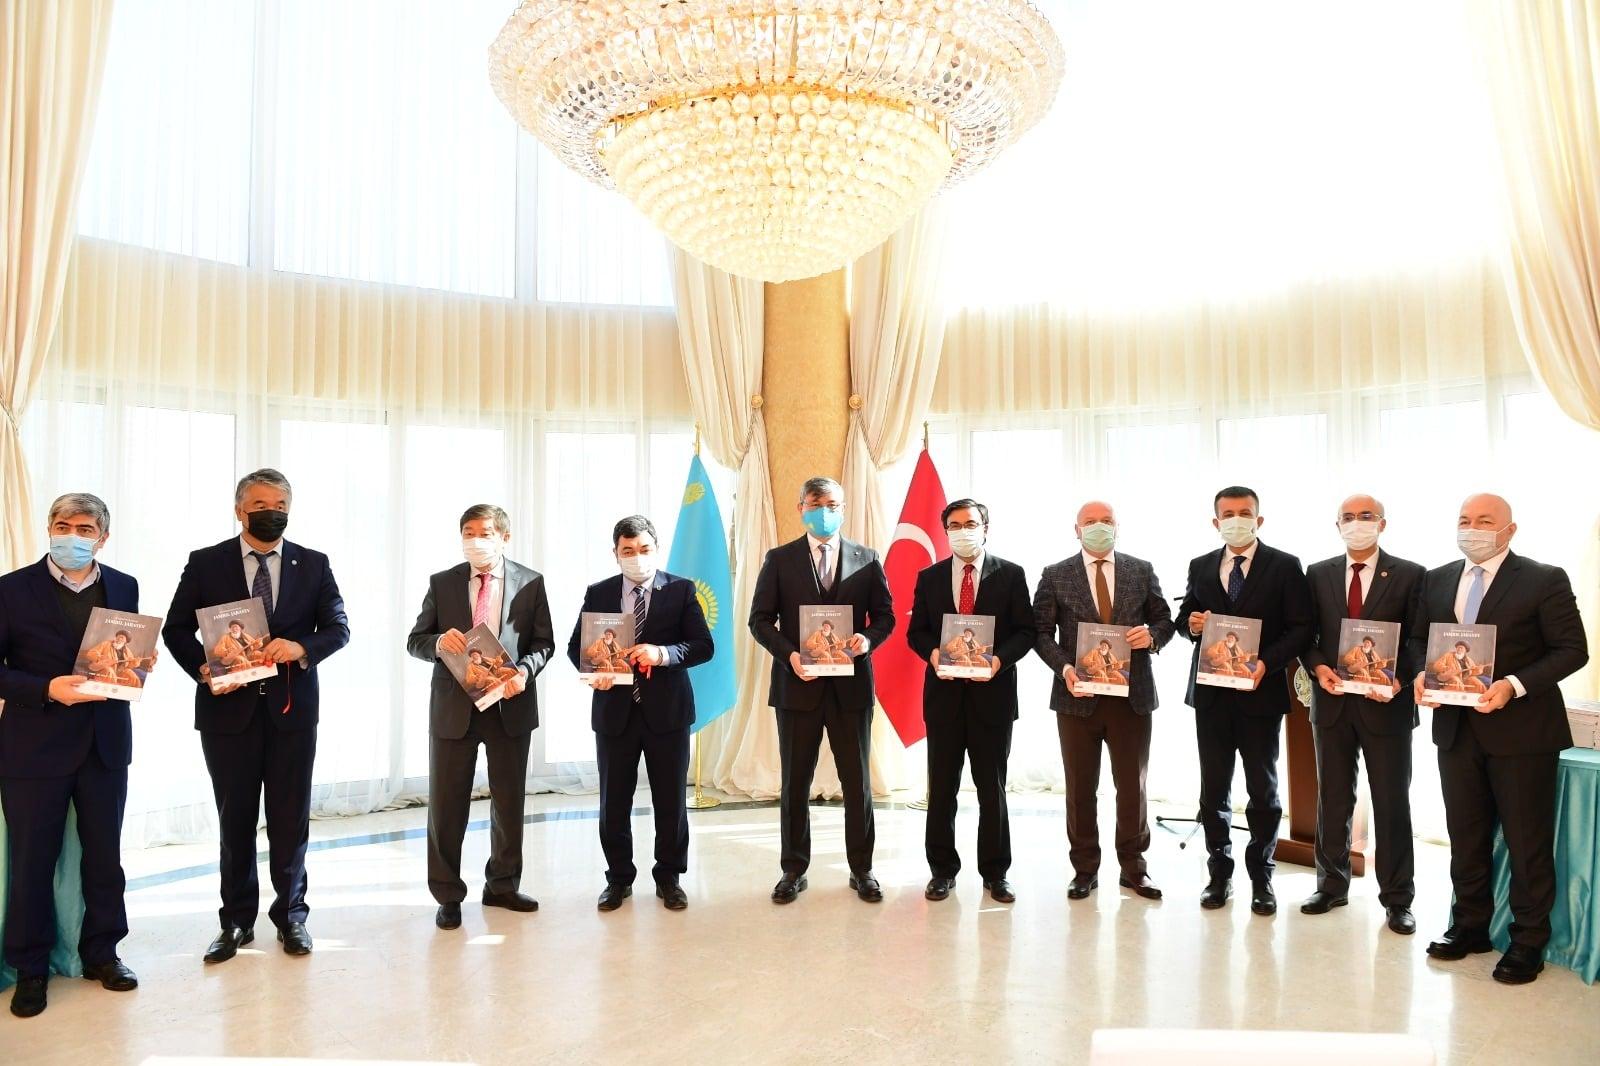 Ulu Bozkırın Büyük Şahsiyetleri Abay, Farabi ve Jambıl Ankara'da Anıldı